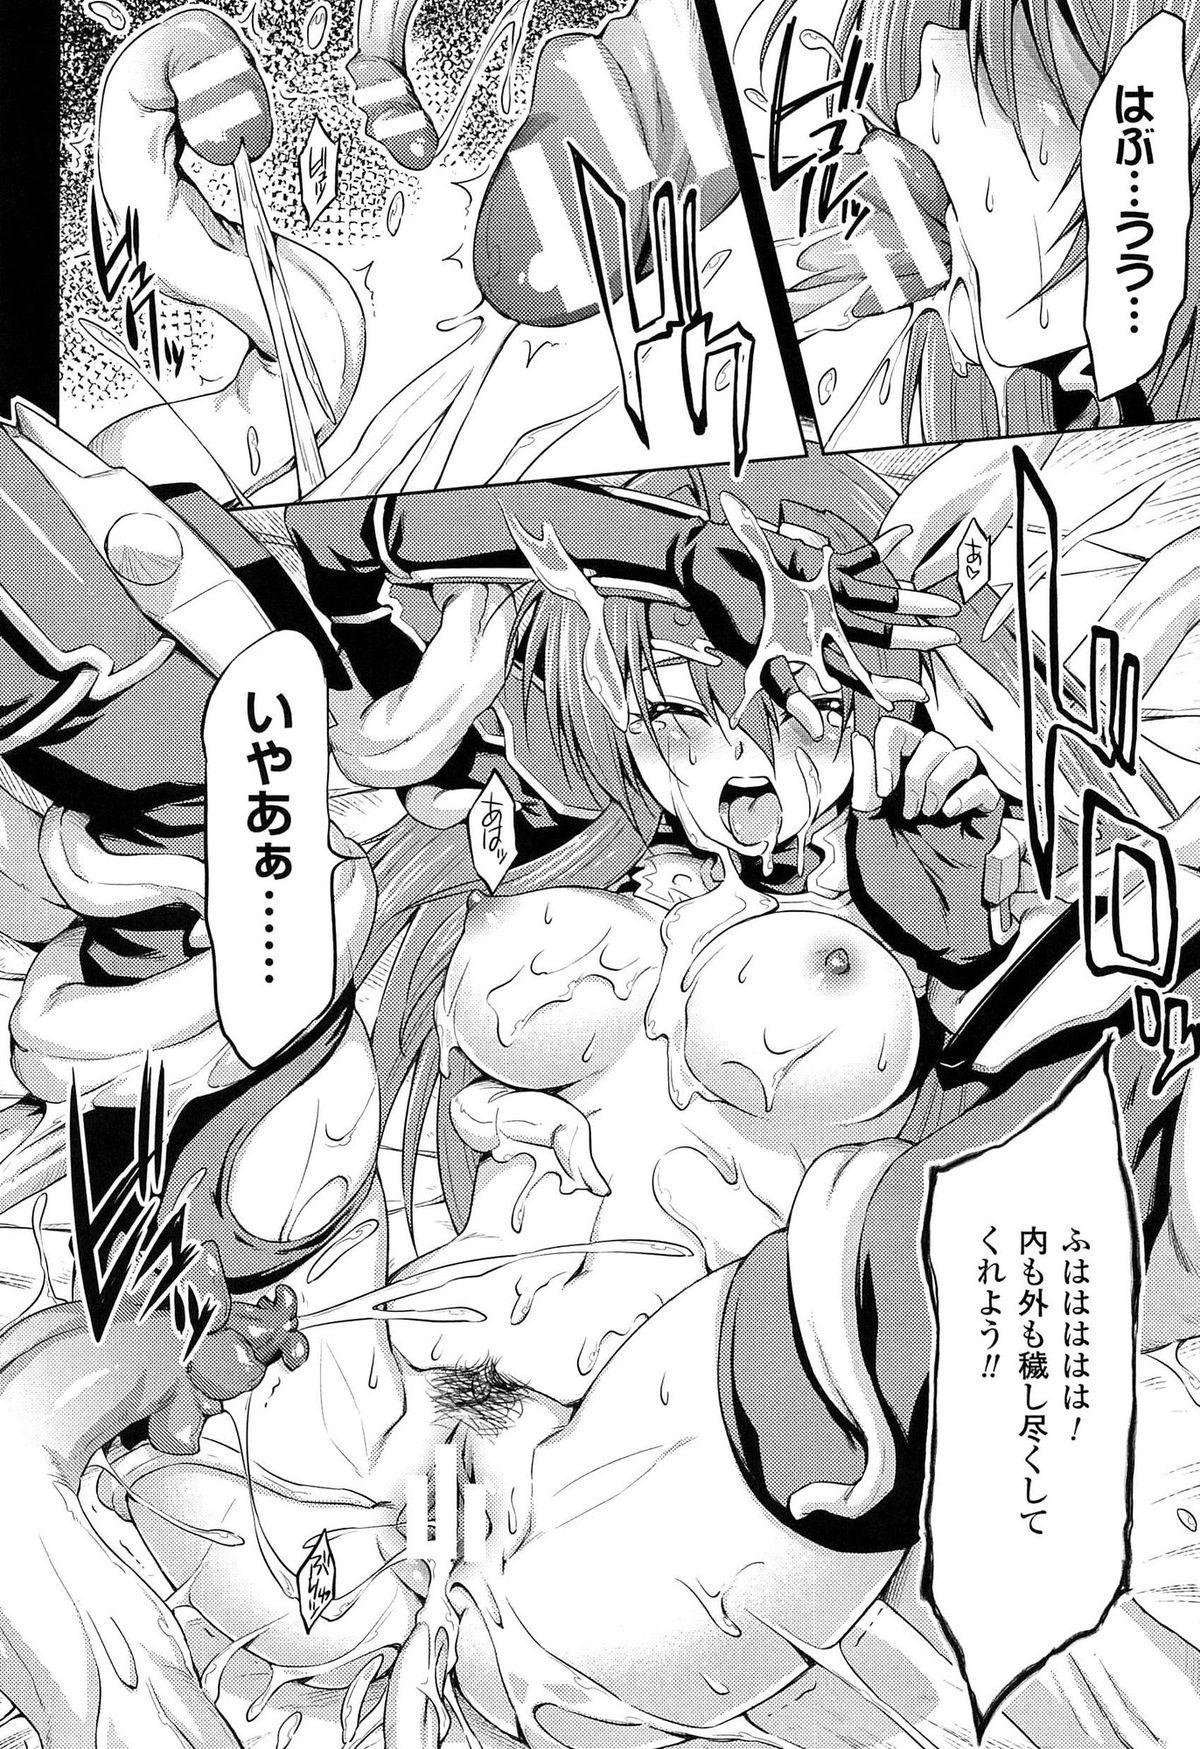 [kazuma muramasa, ZyX] Ikazuchi no Senshi Raidy ~Haja no Raikou~ THE COMIC 201